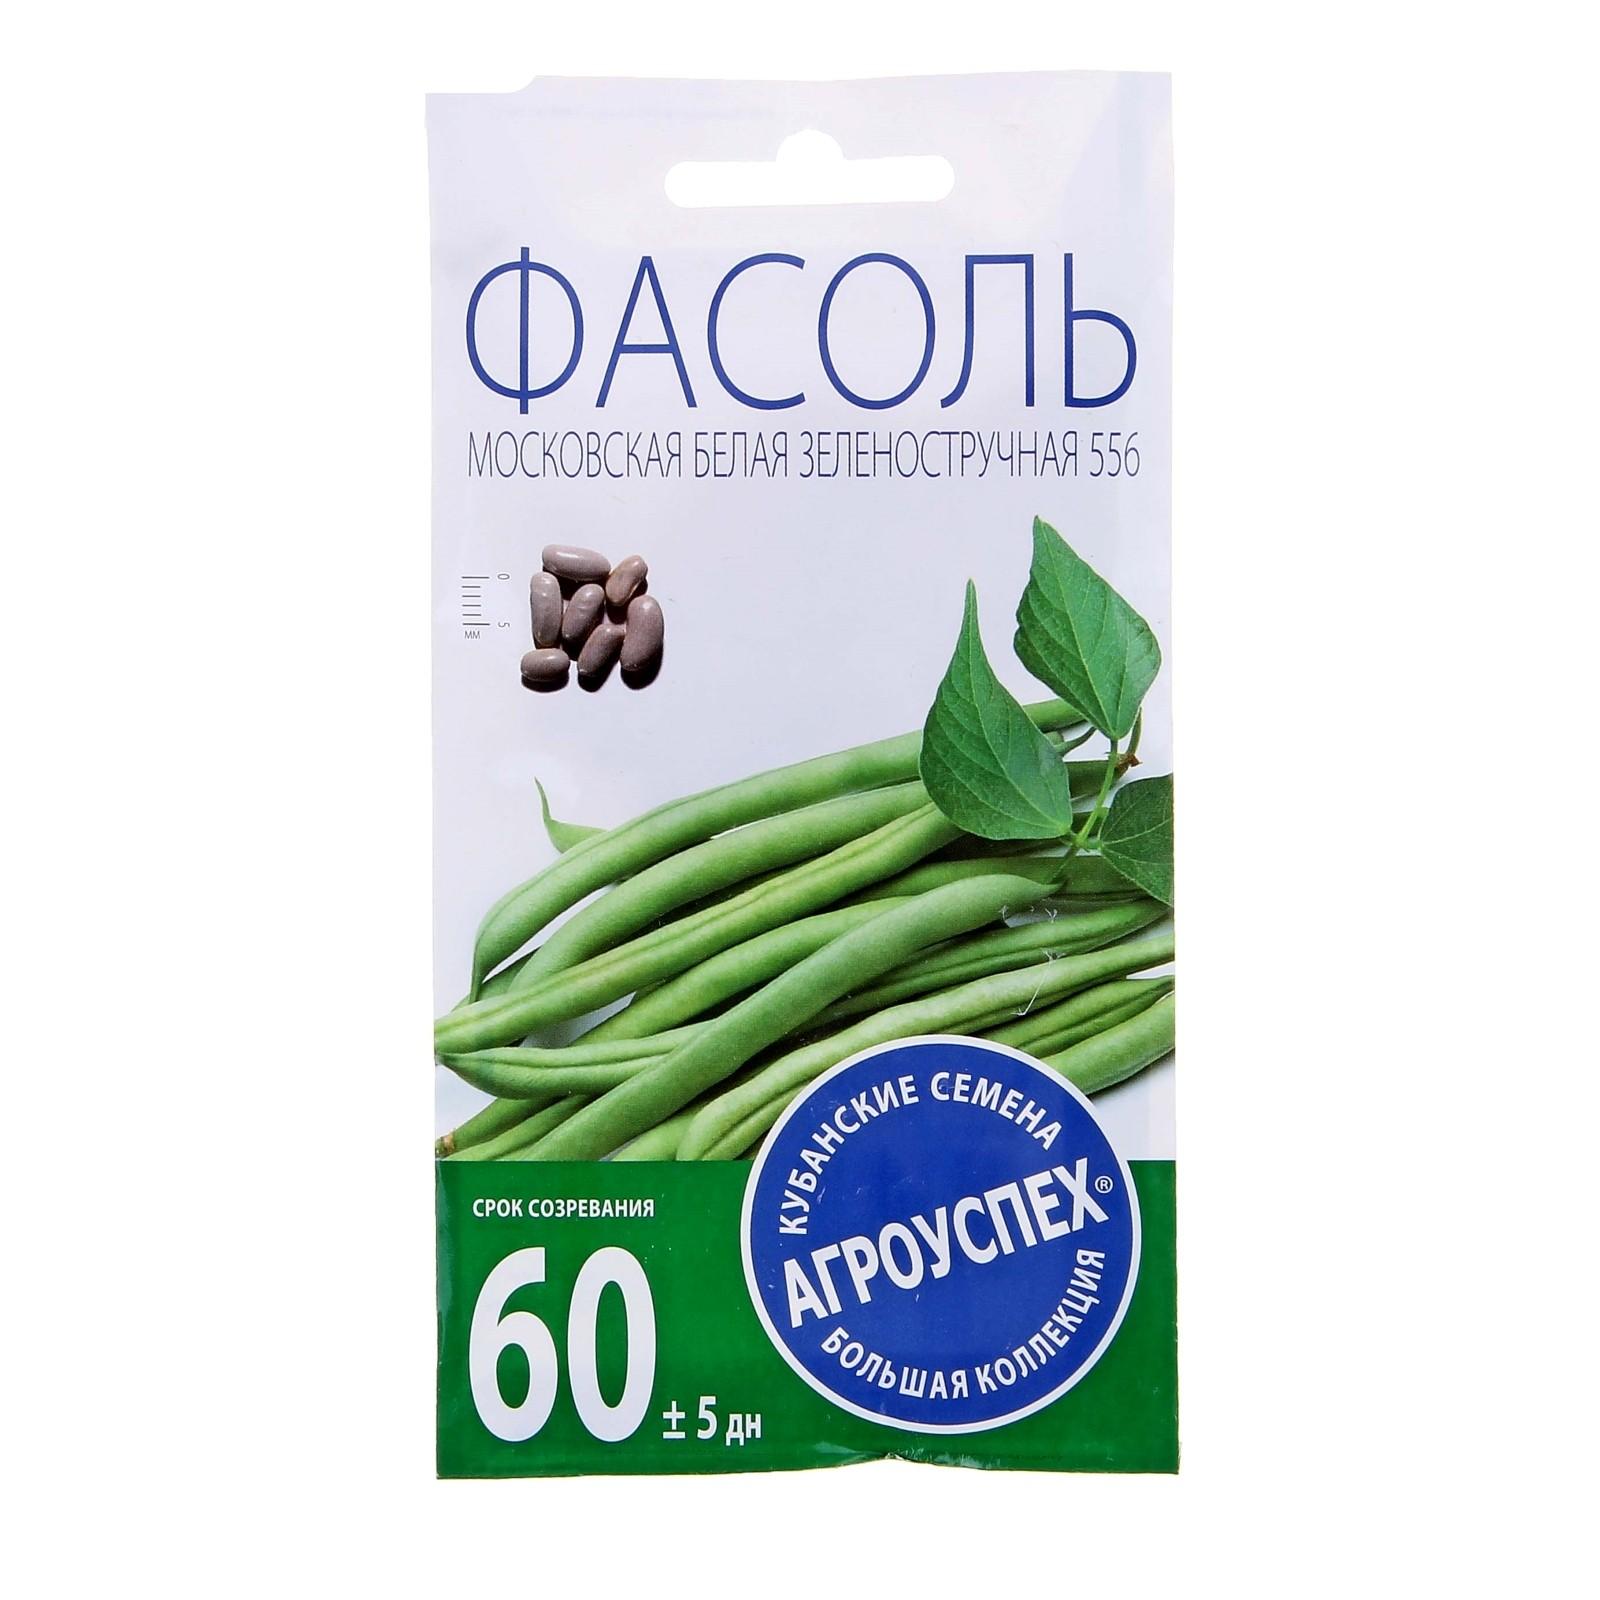 фасоль московская белая видео